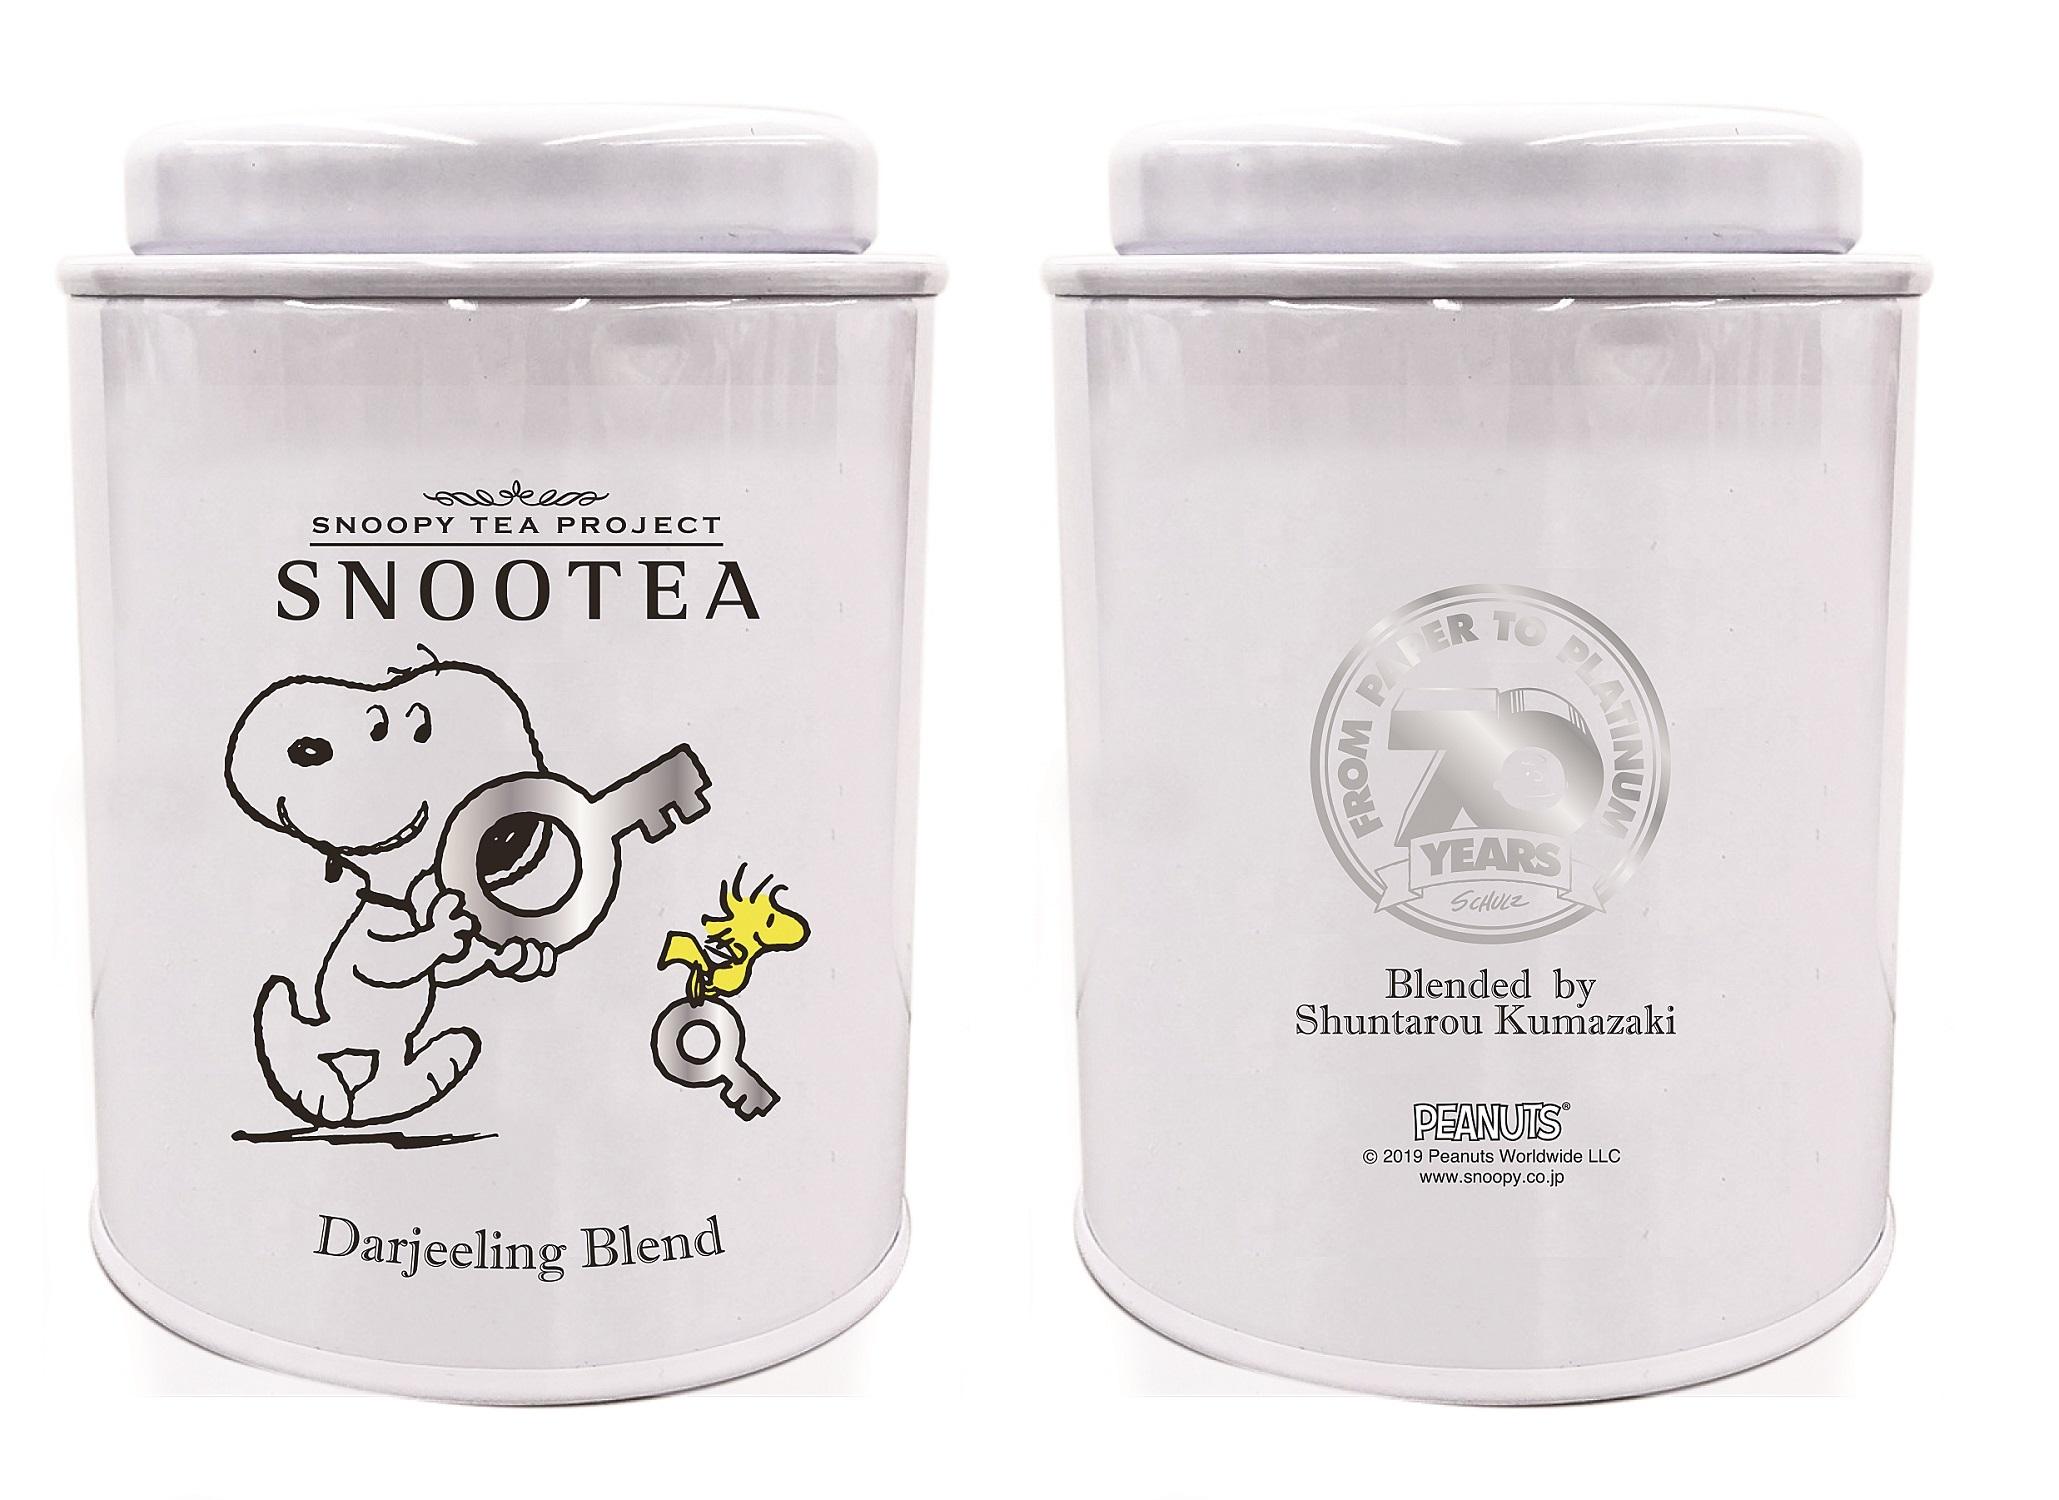 SNOOTEA (ダージリンブレンドティーバッグ、1缶、10包入) 1,620円(税込)